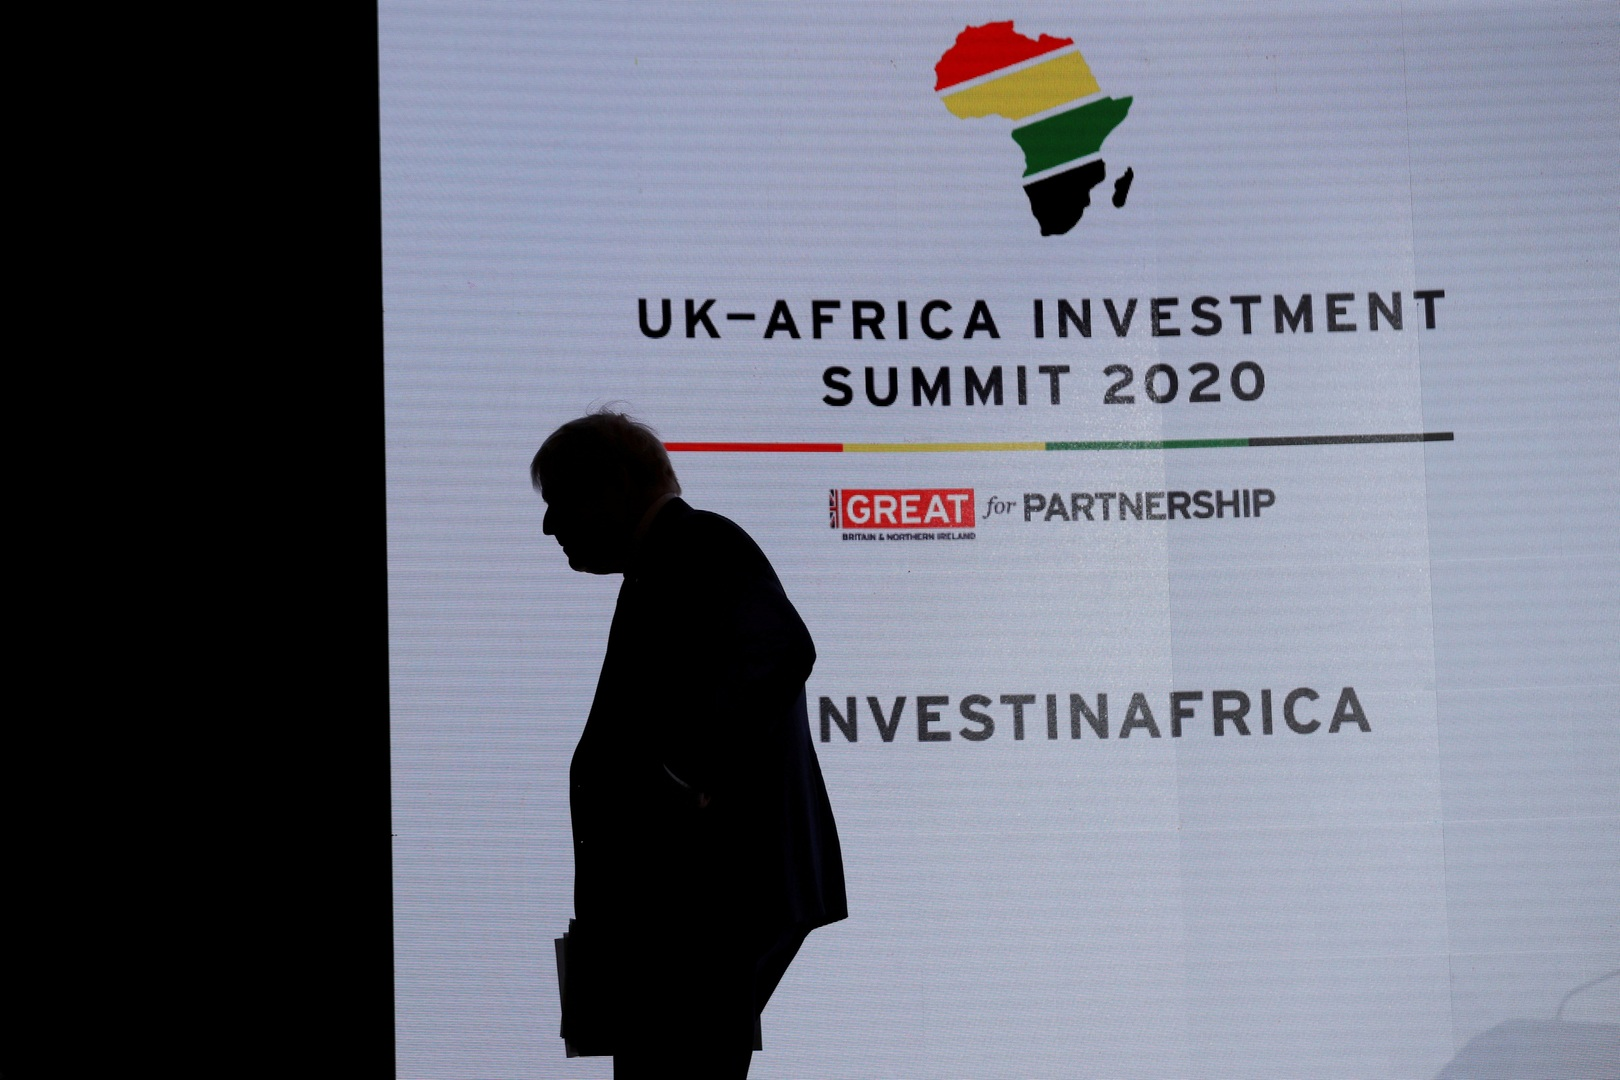 مصر تستحوذ على حصة الأسد من عقود الشركات الأوروبية مع إفريقيا